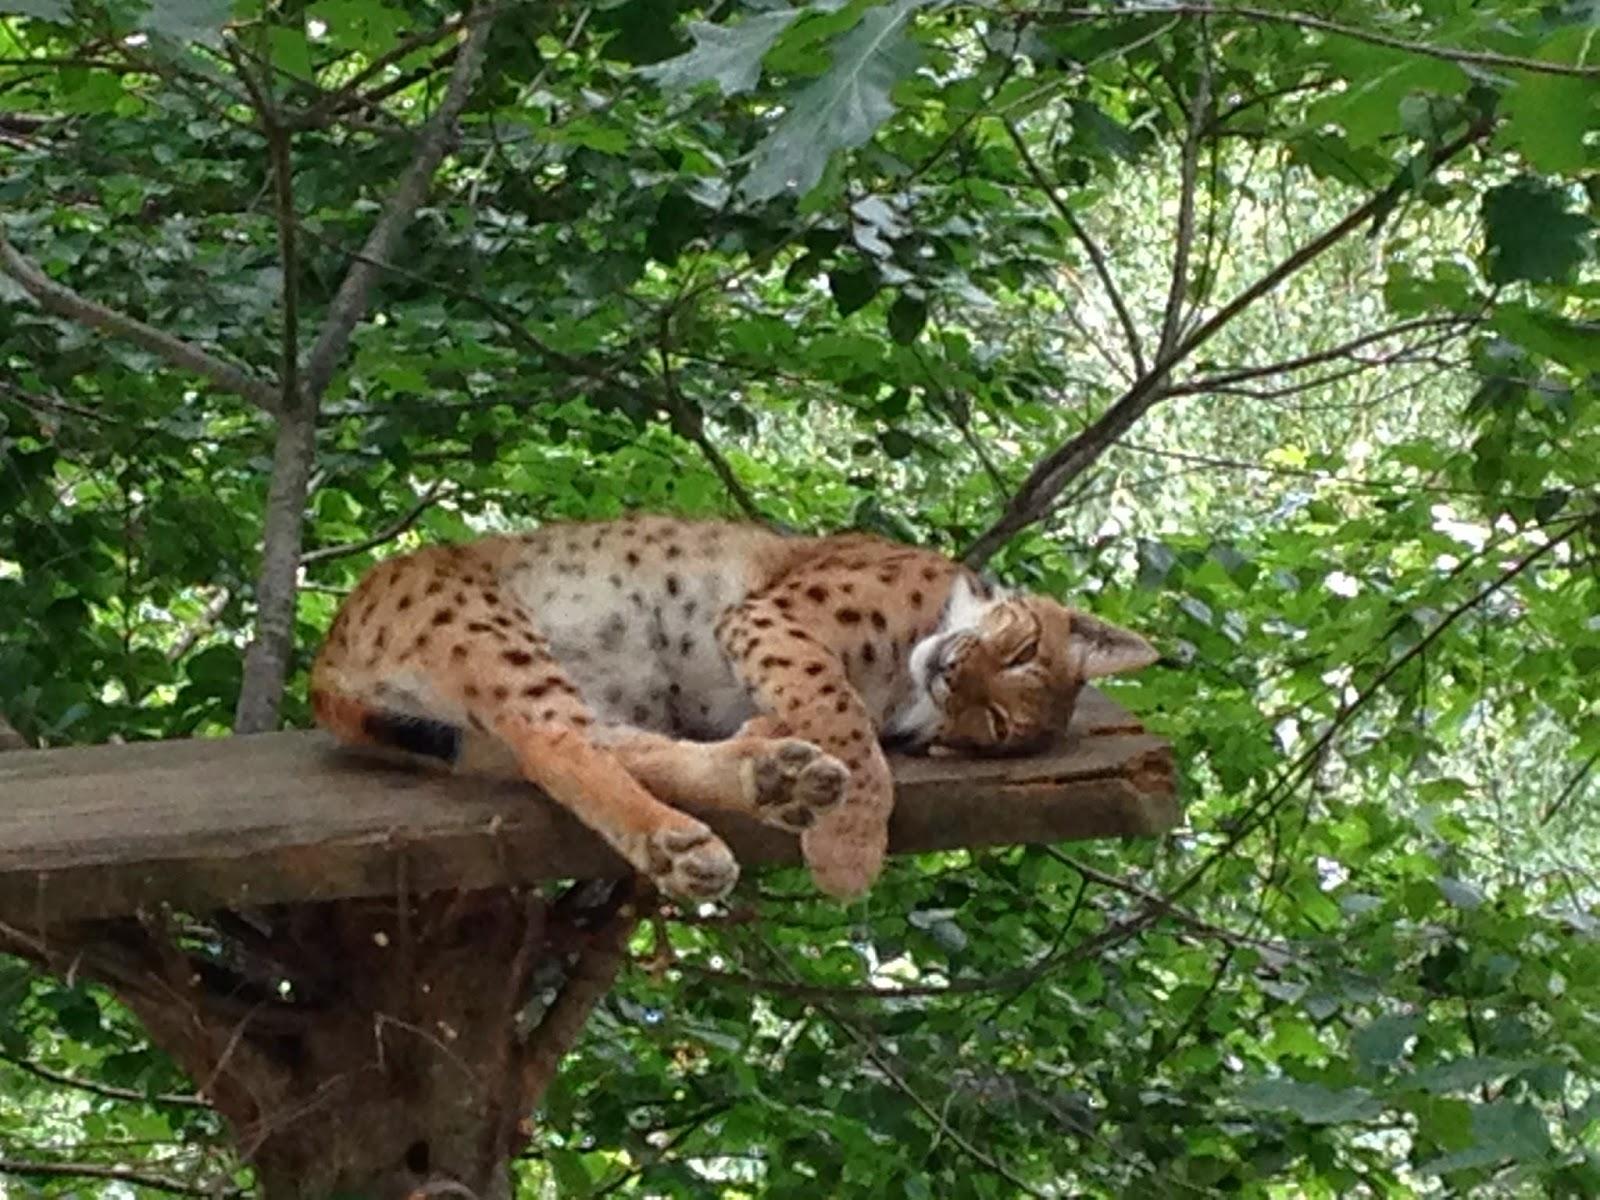 Lince en el Parque de los animales Pirenáicos